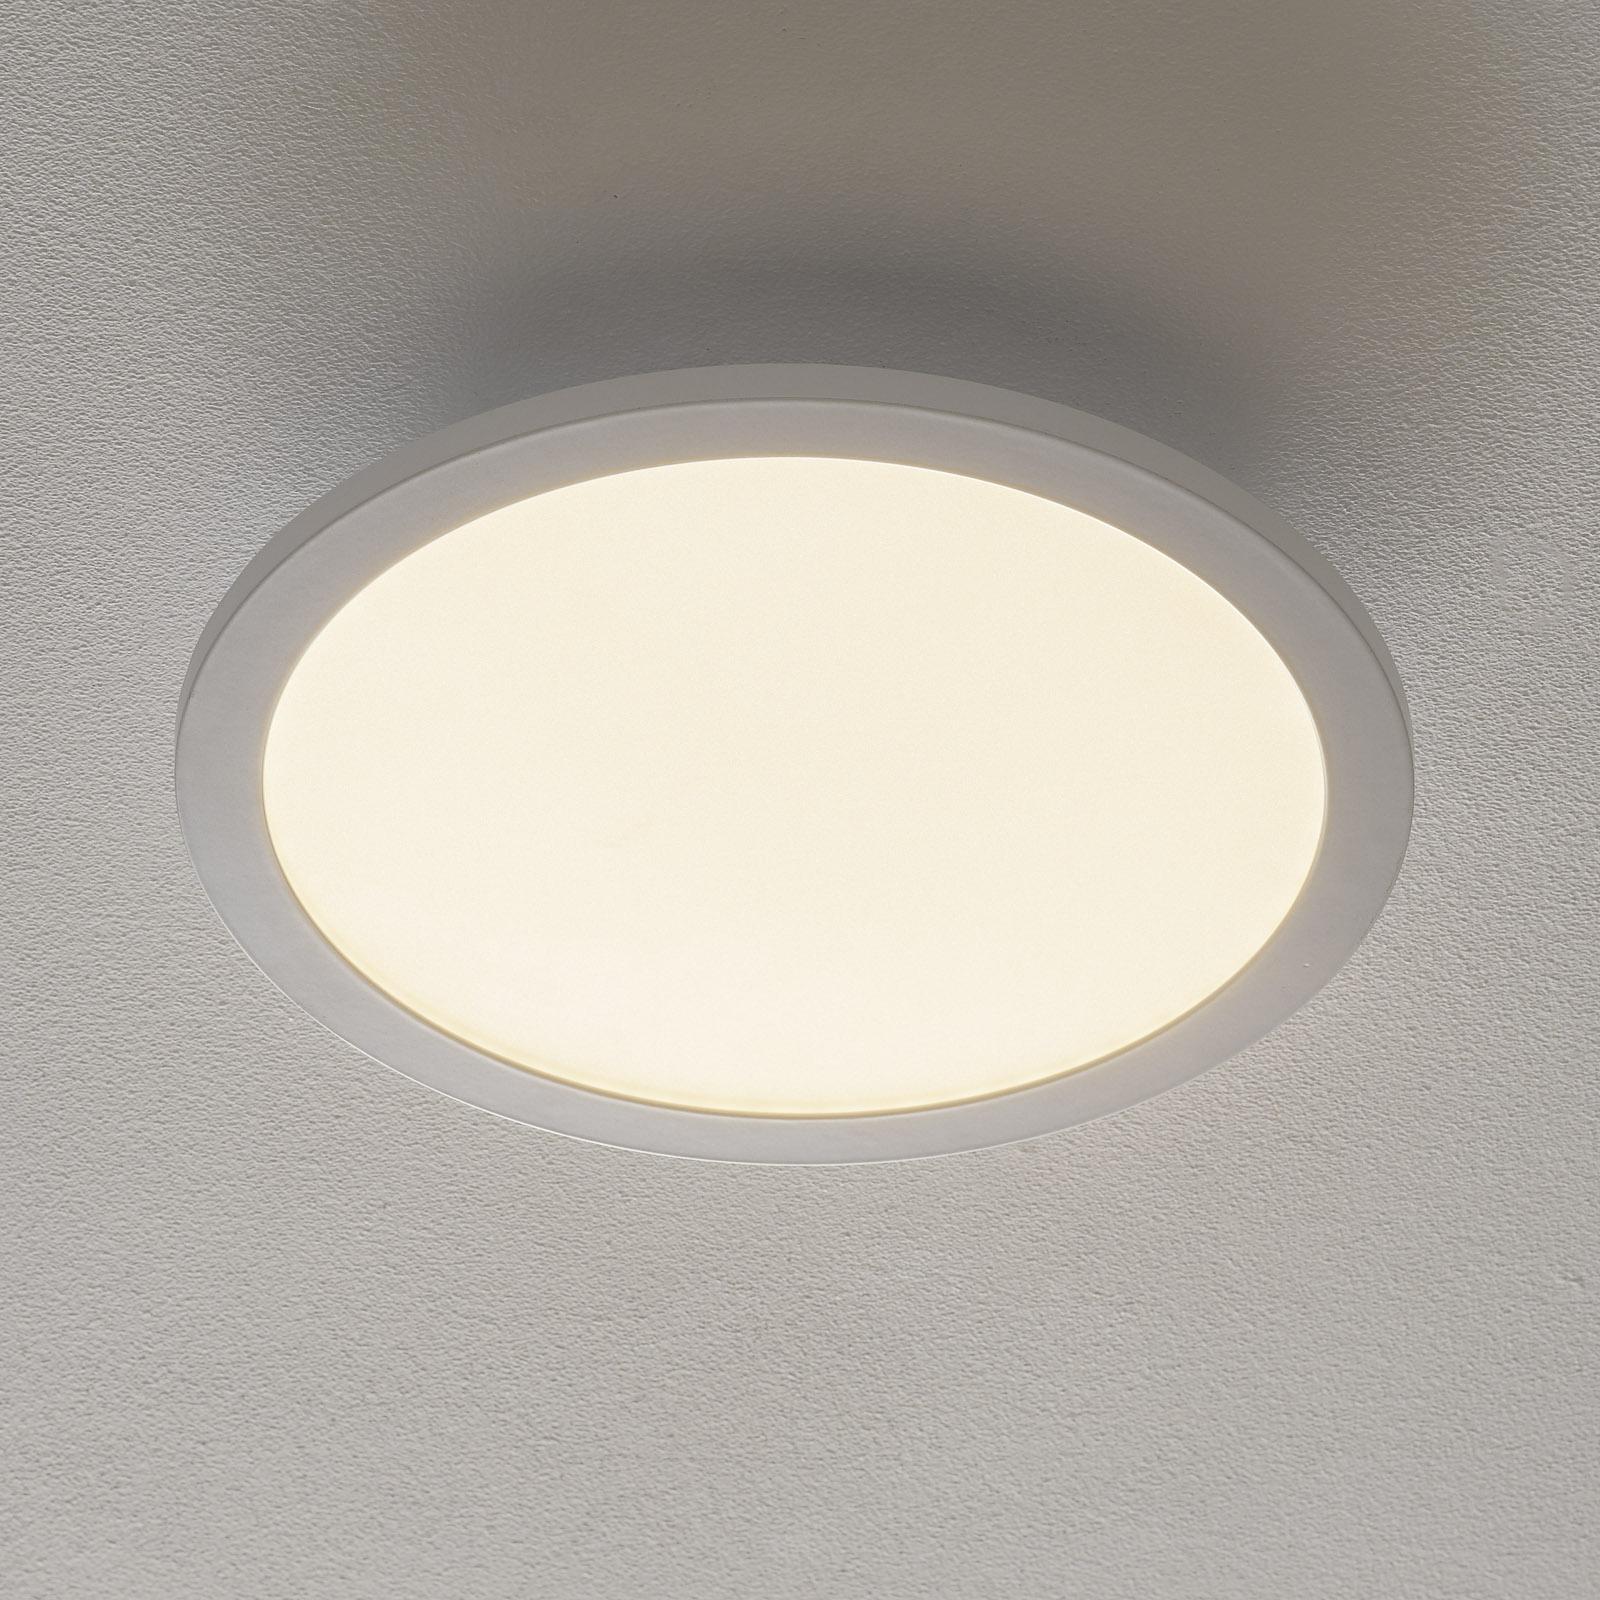 EGLO connect Sarsina-C LED-taklampe, 30 cm